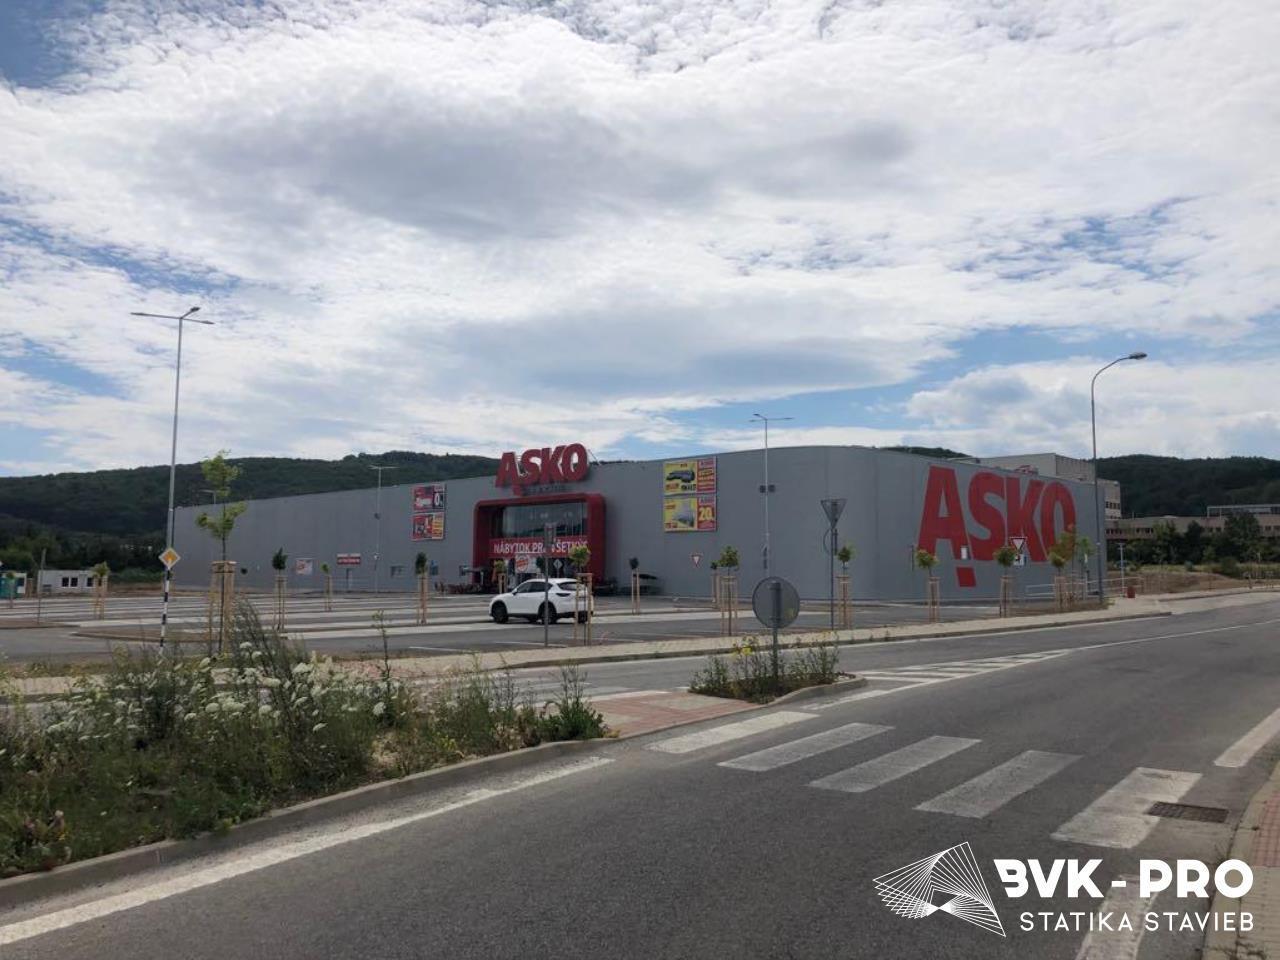 Asko Banská Bystrica Bvk Pro Page 001